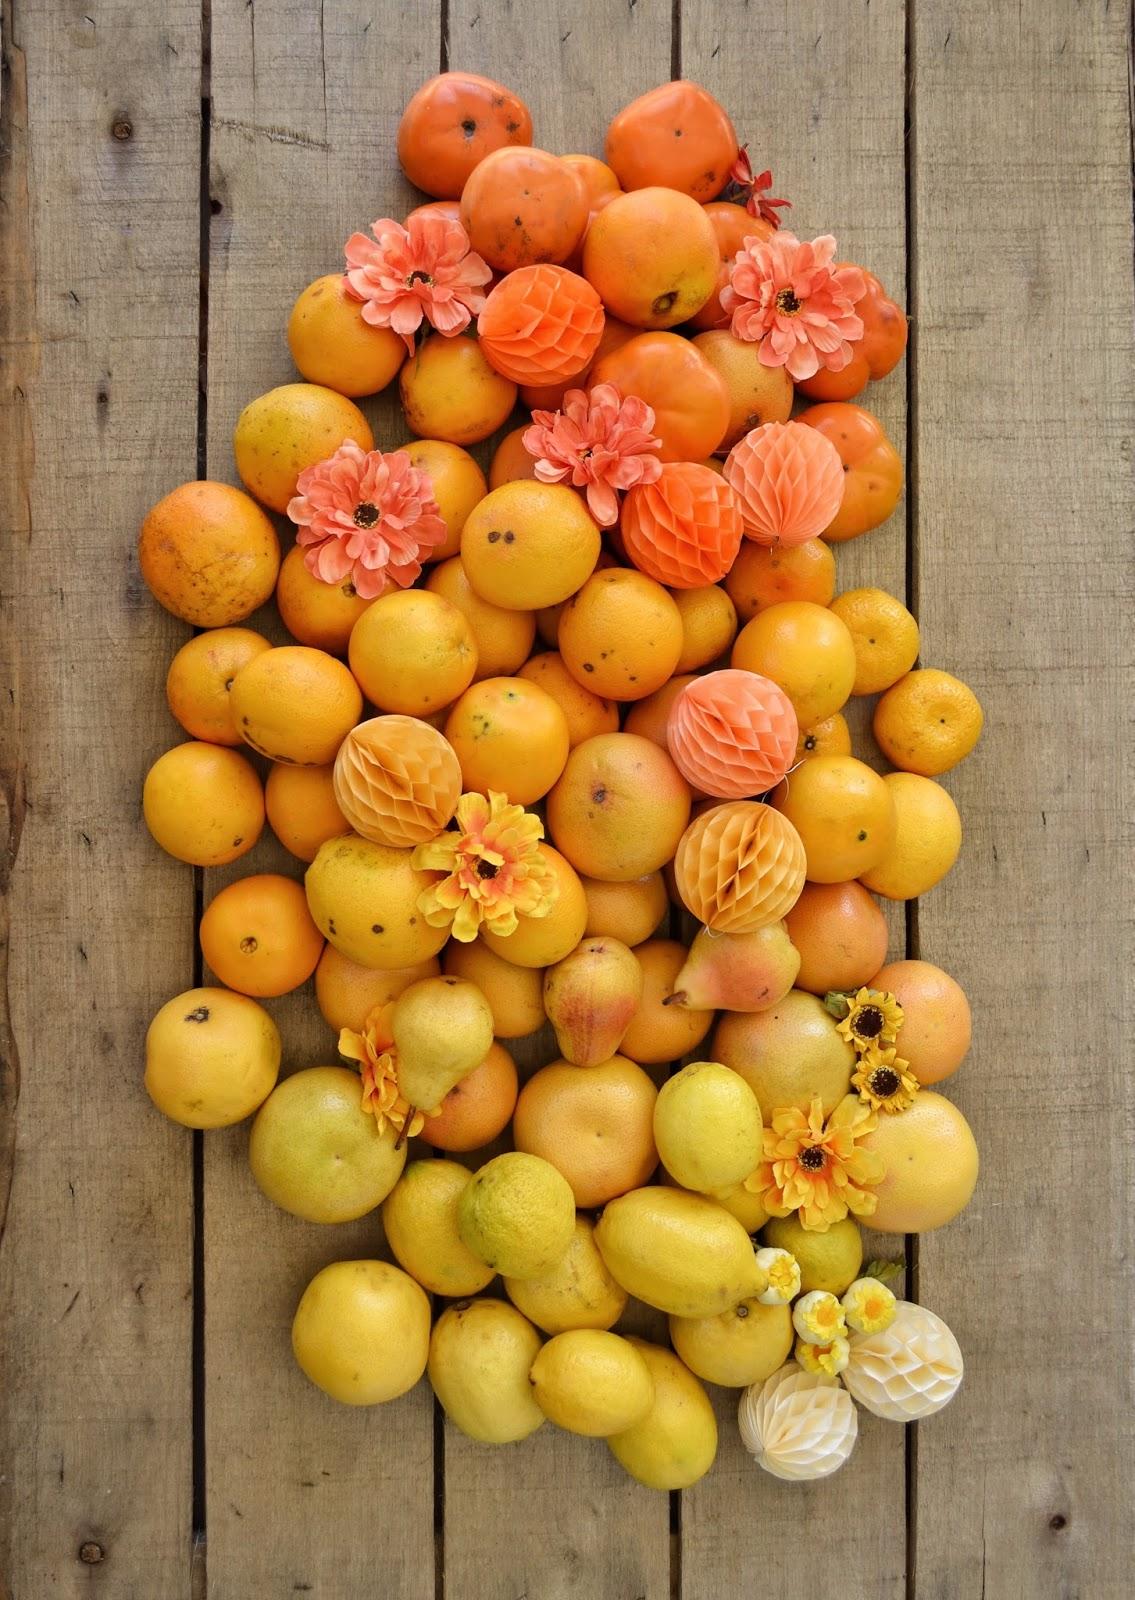 Los colores en la comida - naranja para #colorsoloparami